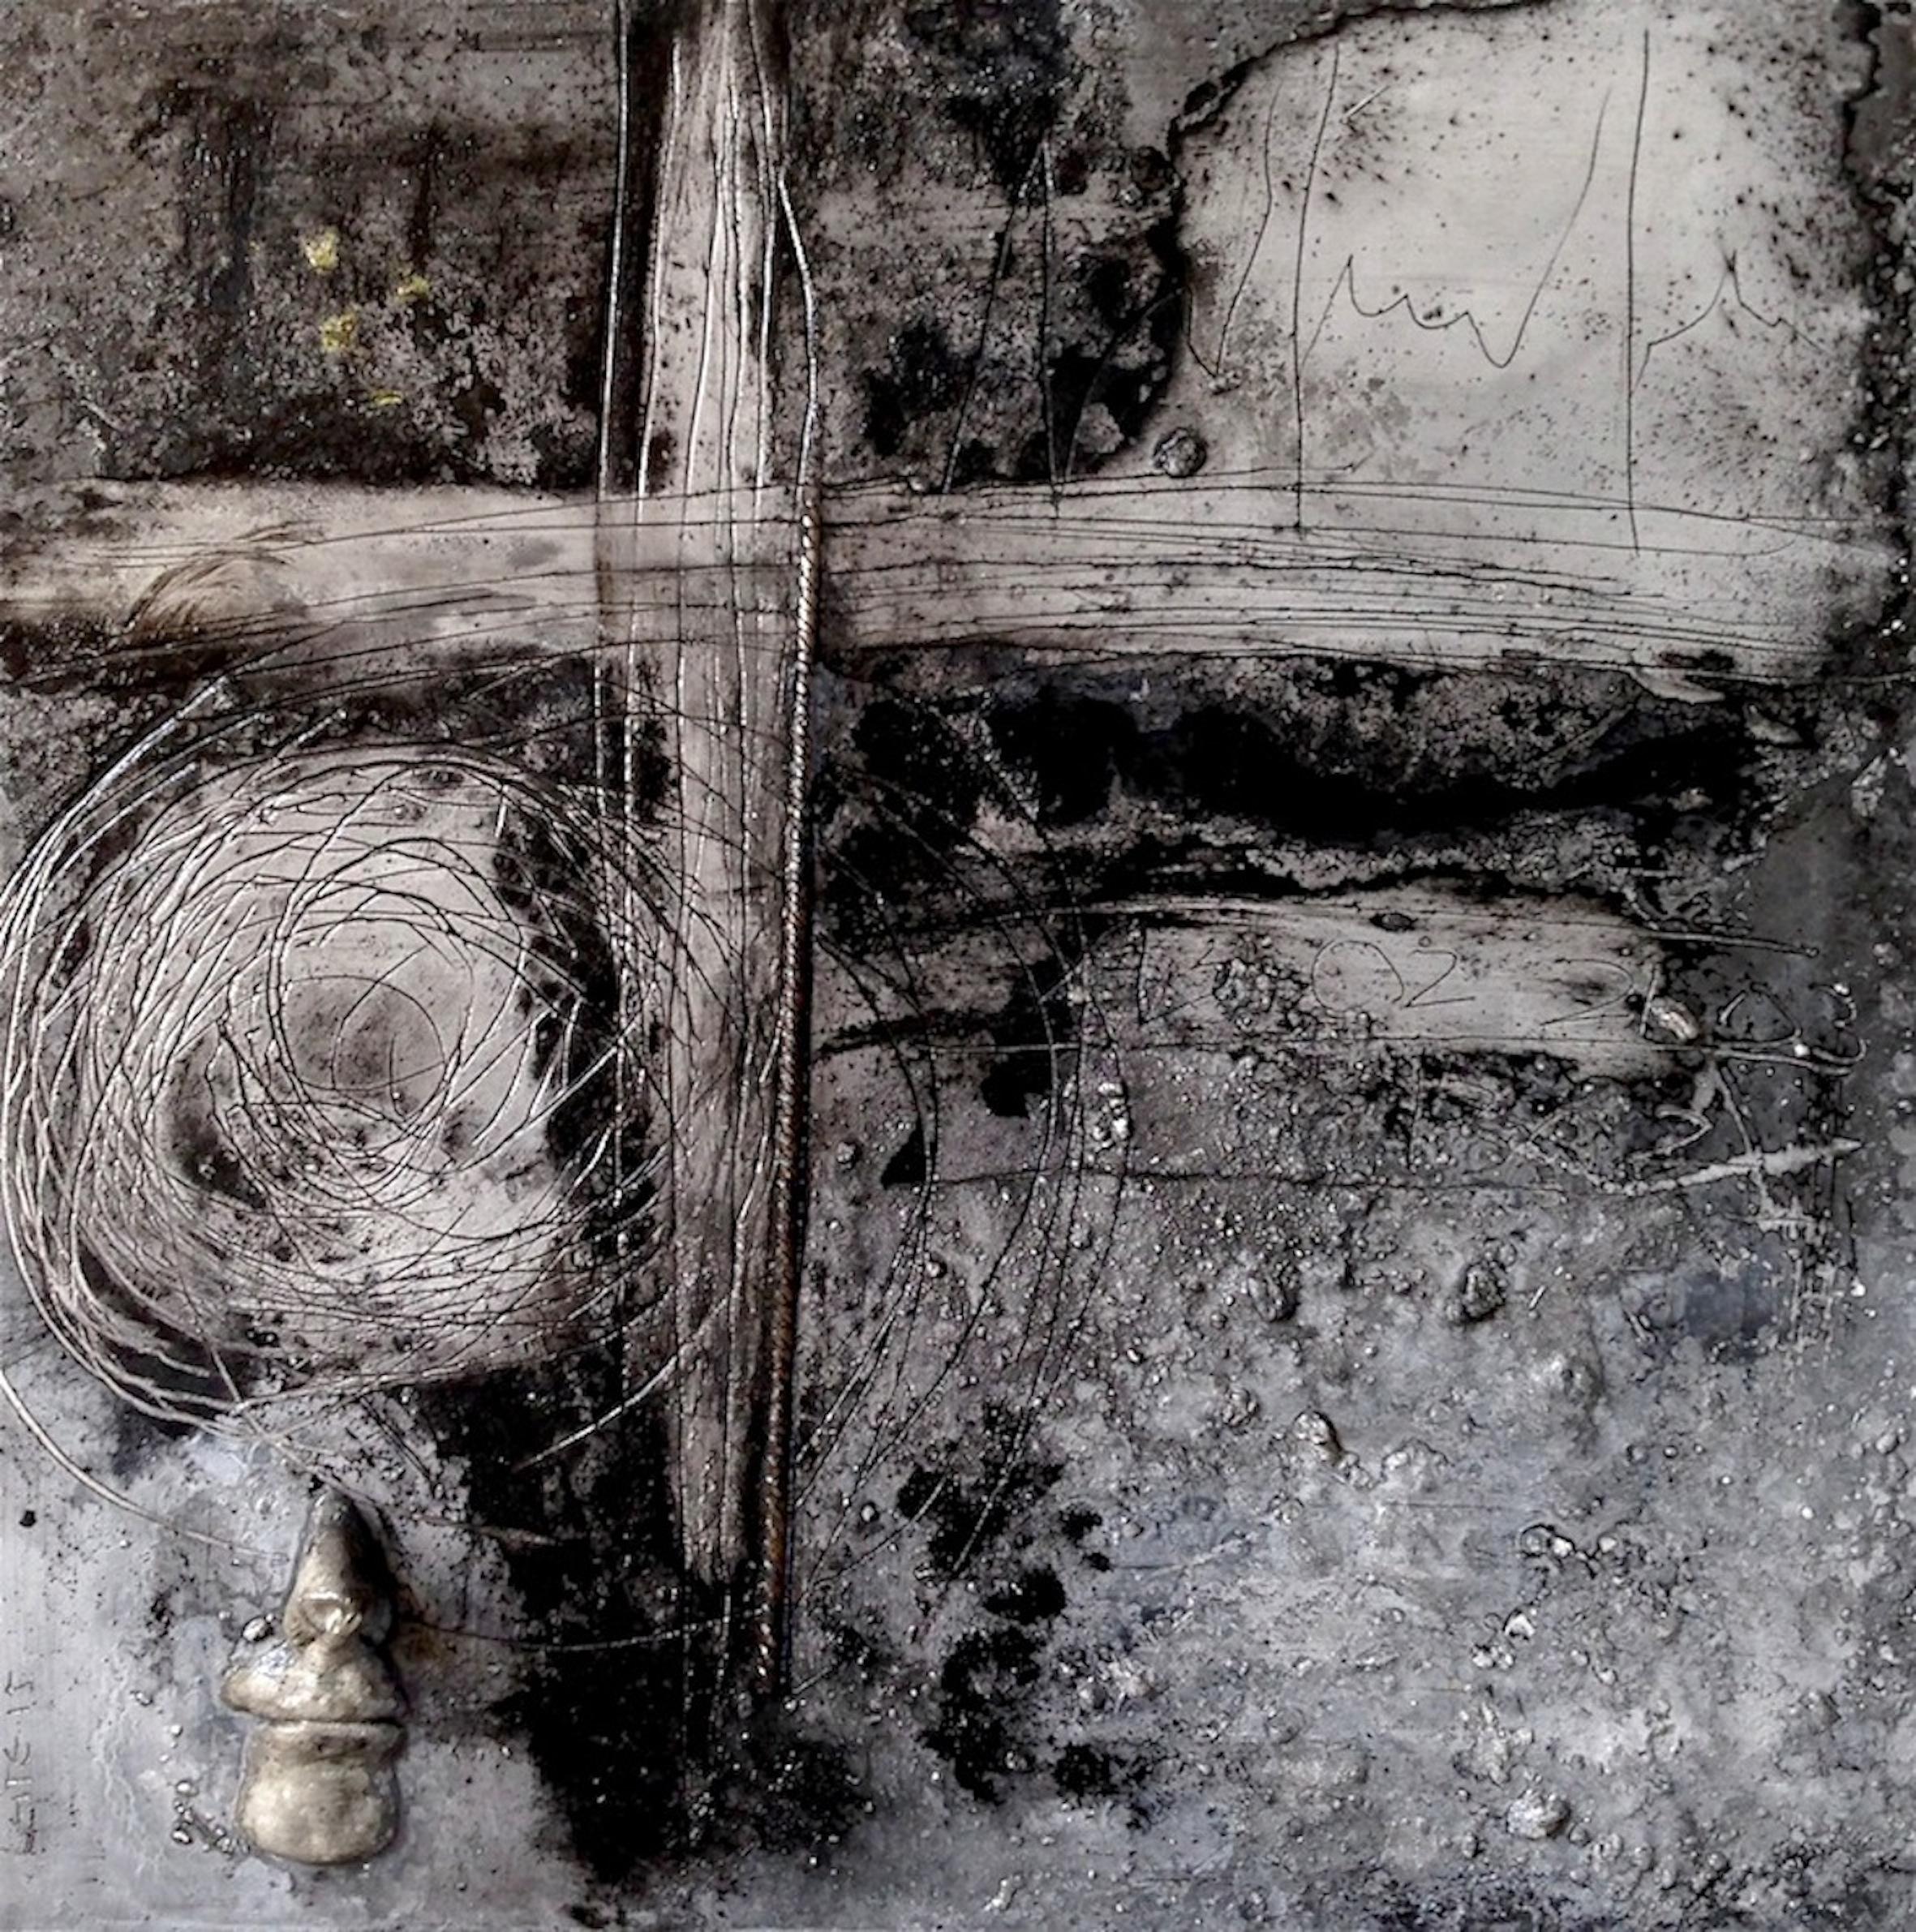 Table d'écriture, Croix gravée